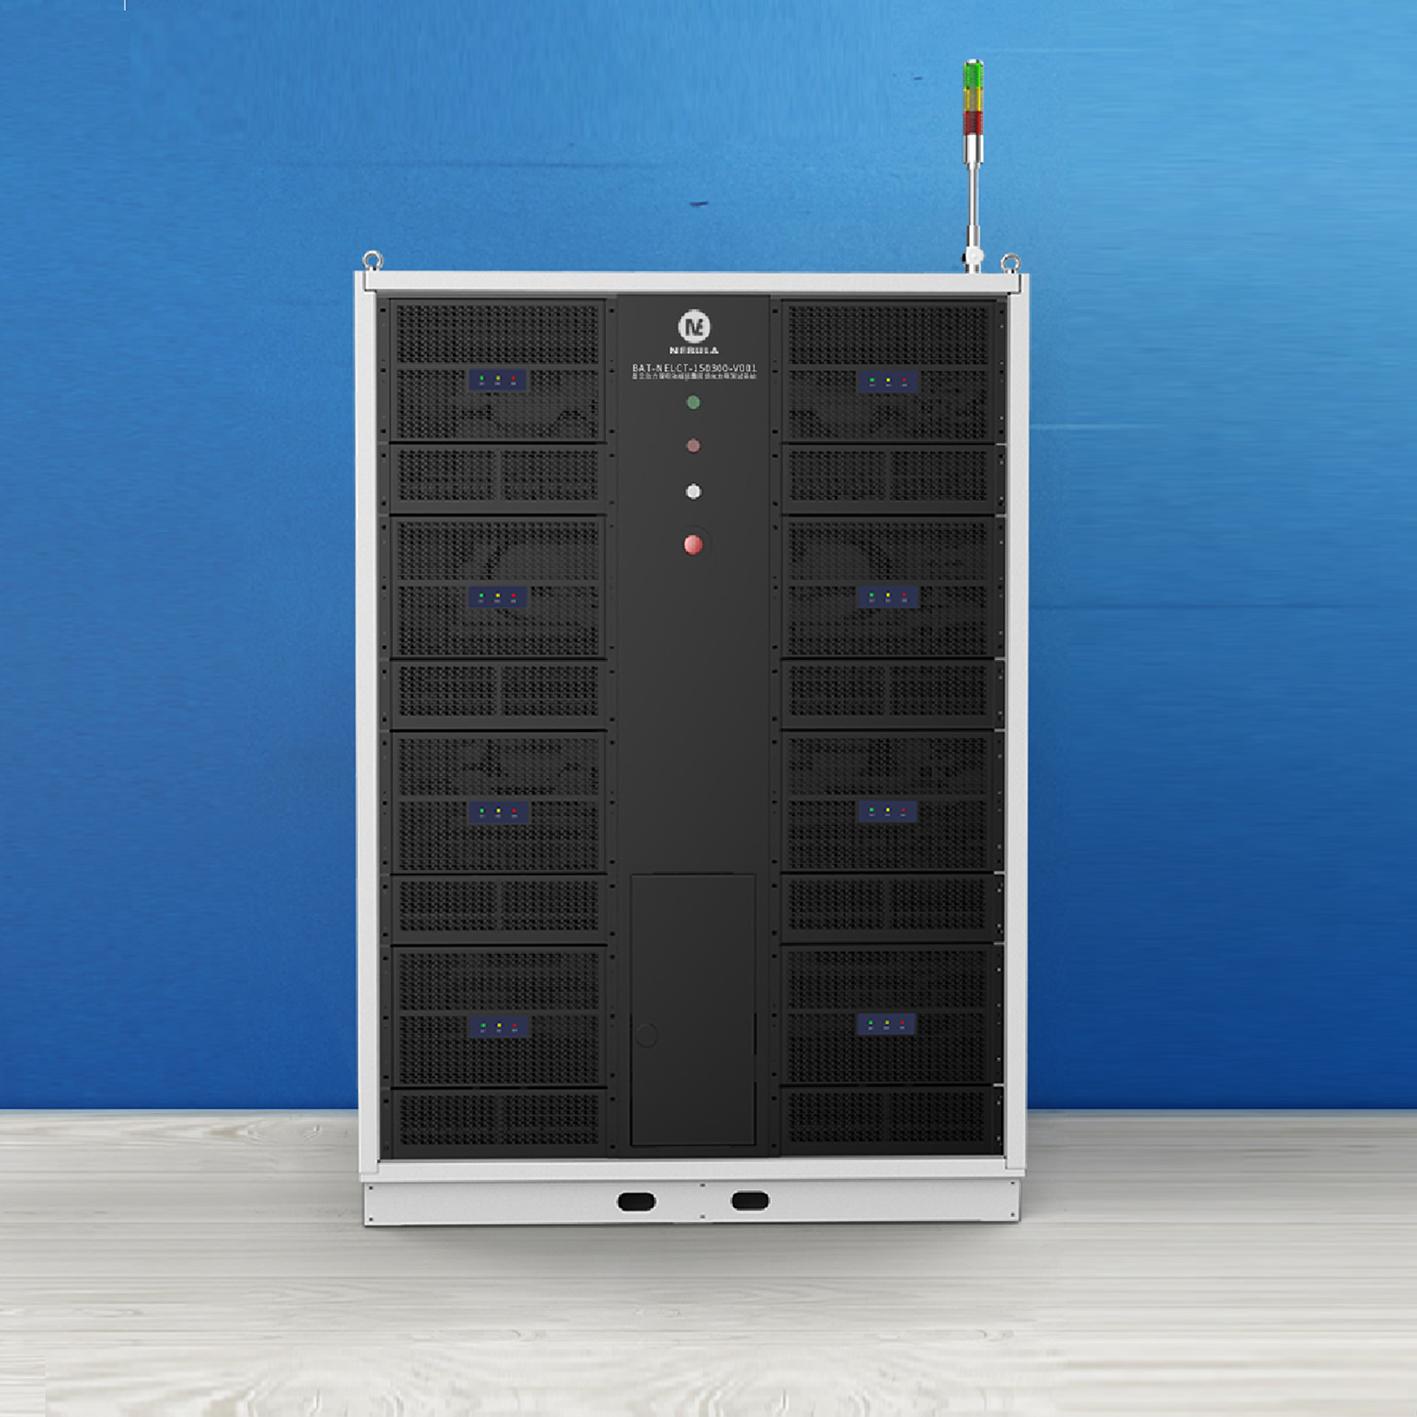 星云动力锂电池组能量回馈充放电测试系统150V300A系列 Featured Image